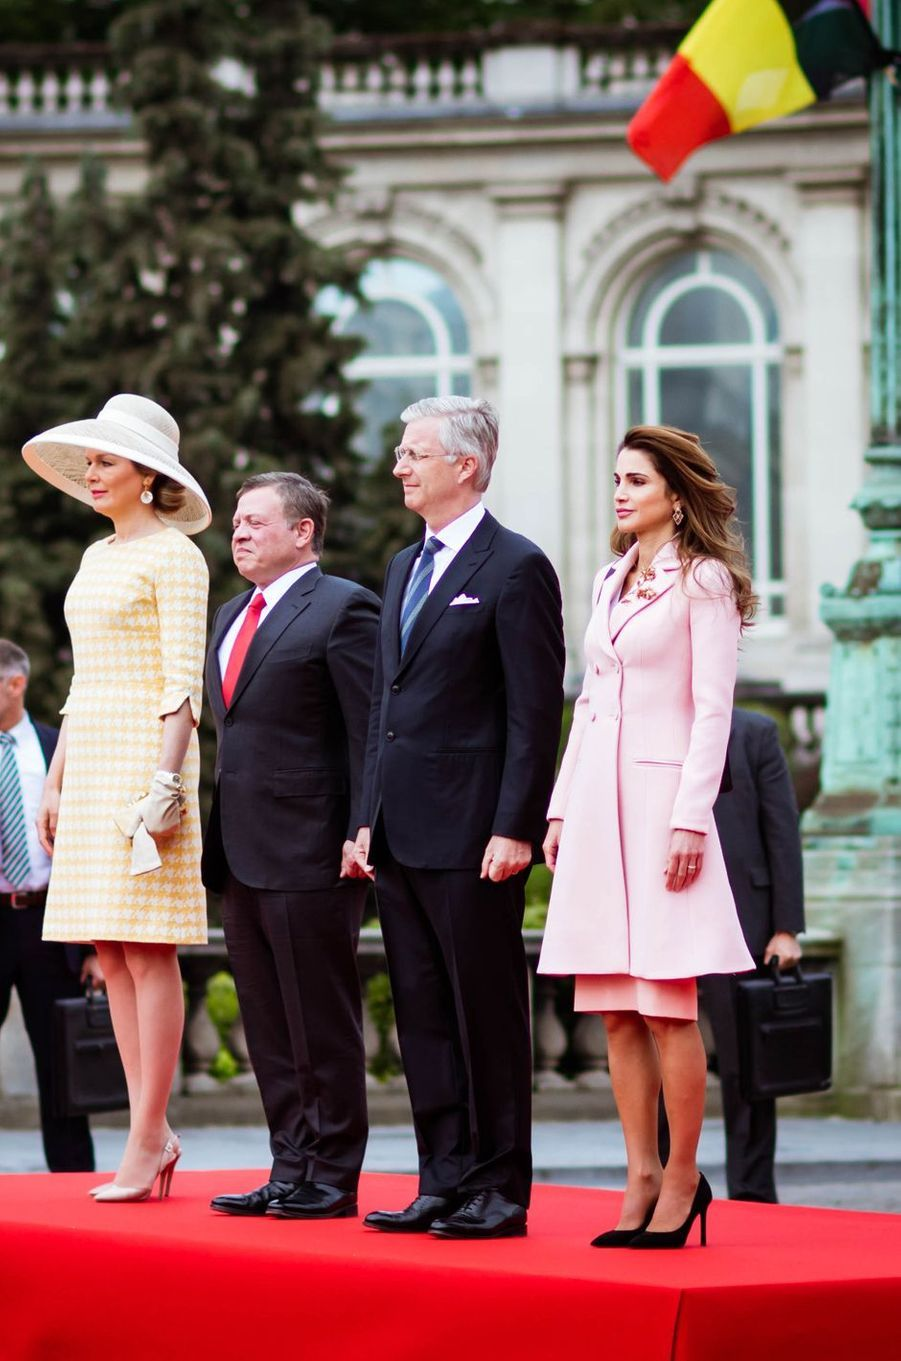 Les rois et reines de Belgique et de Jordanie à Bruxelles, le 18 mai 2016